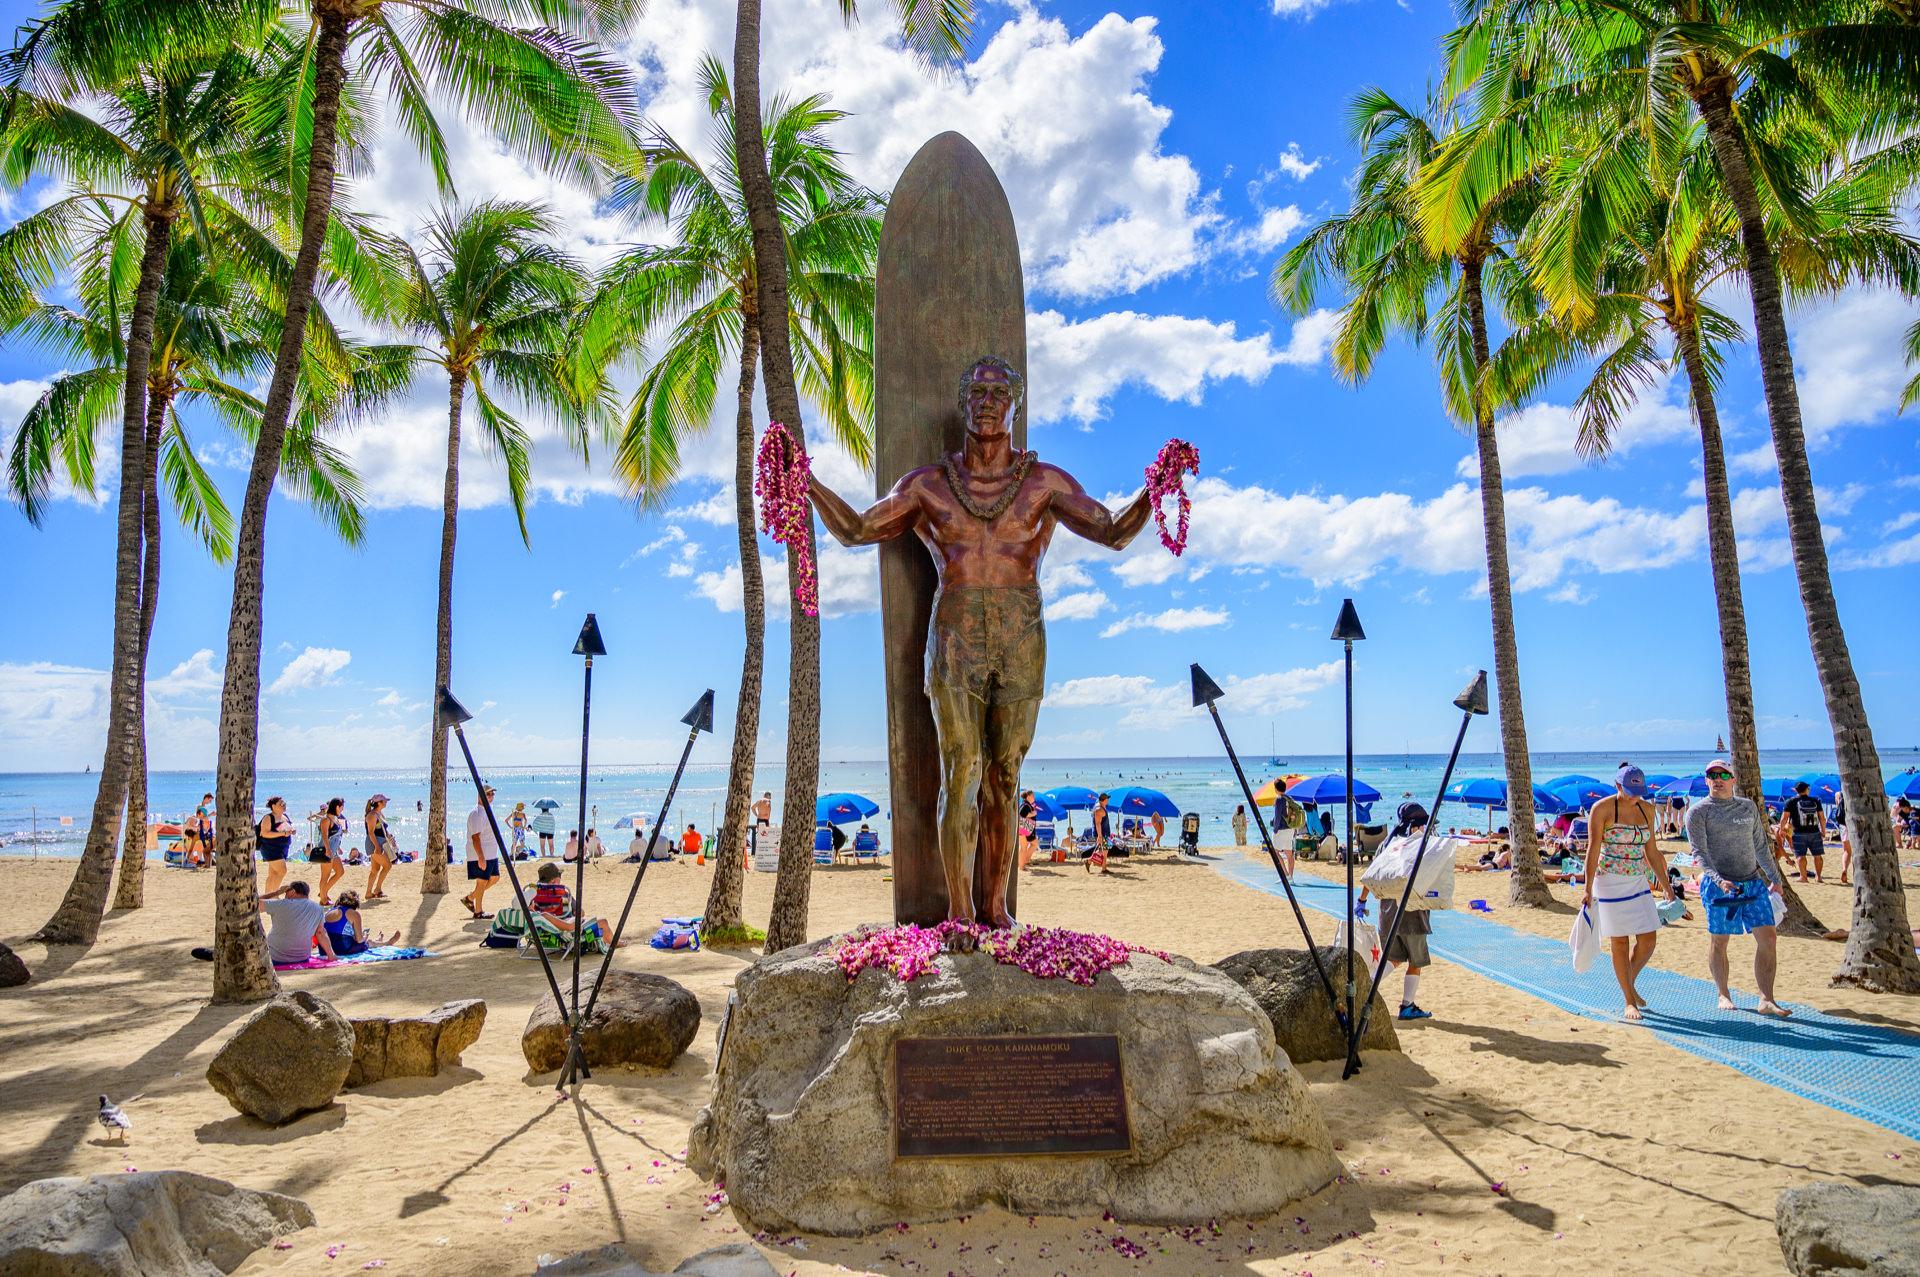 旅行 ハワイ 【7/13 更新】ハワイの新型コロナウイルス最新情報【感染状況・フライト・入国規制】